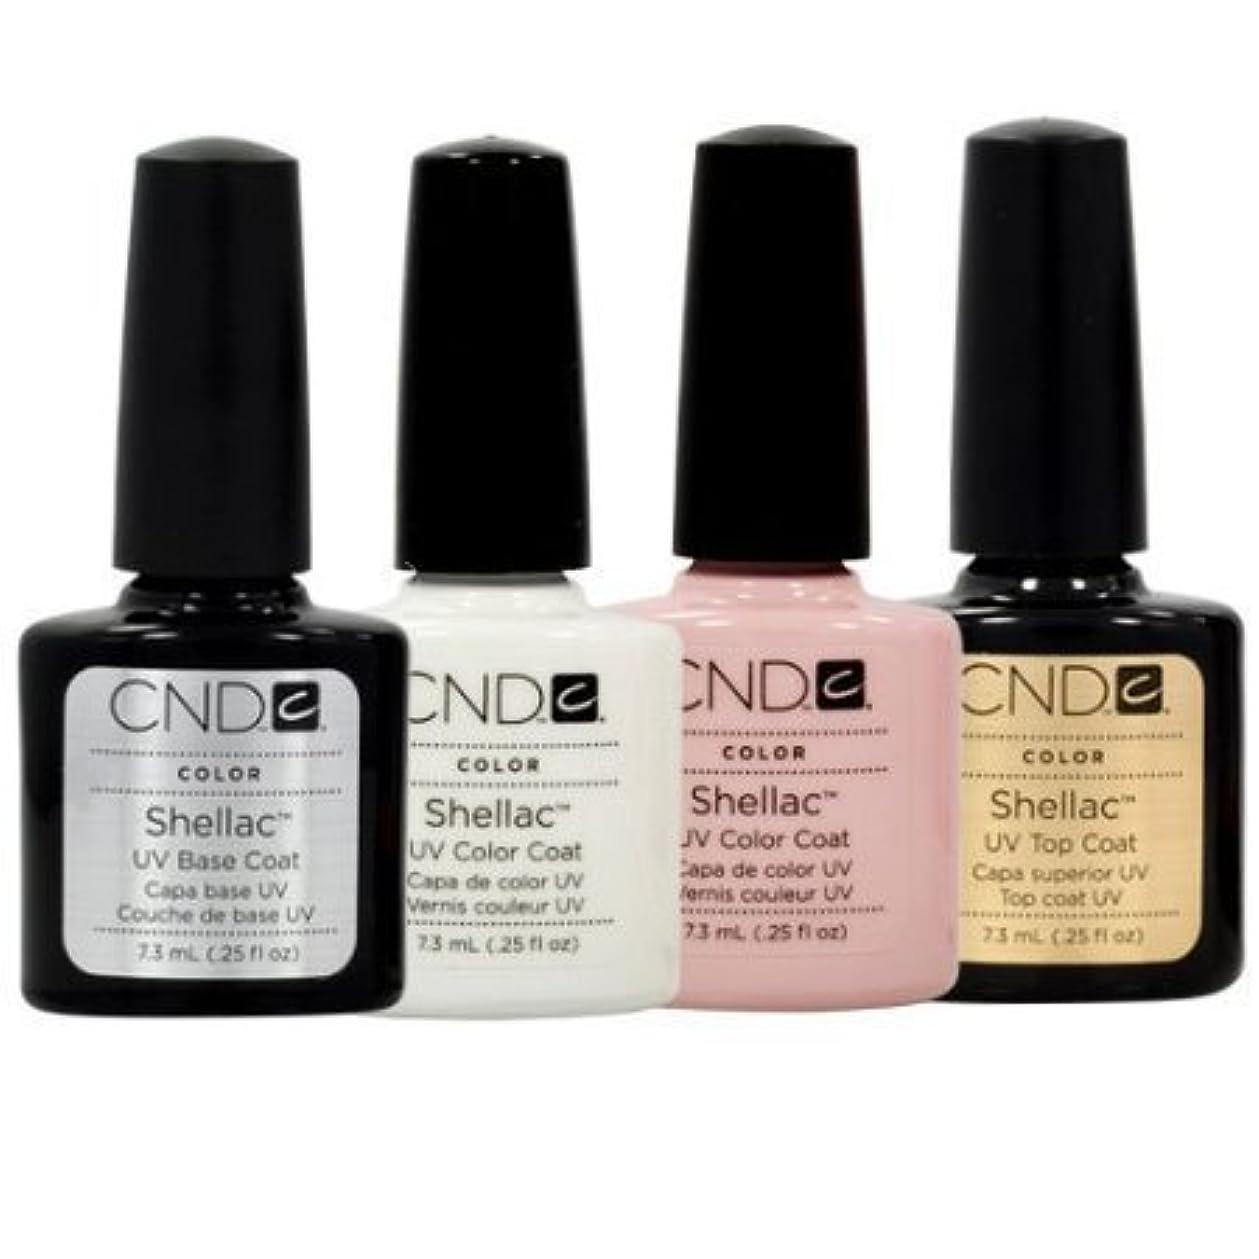 石炭シンカン北米CND Shellac French Manicure Kit Base Top Coat Color White Pink Nail Polish Gel by CND - Creative Nail Design [...